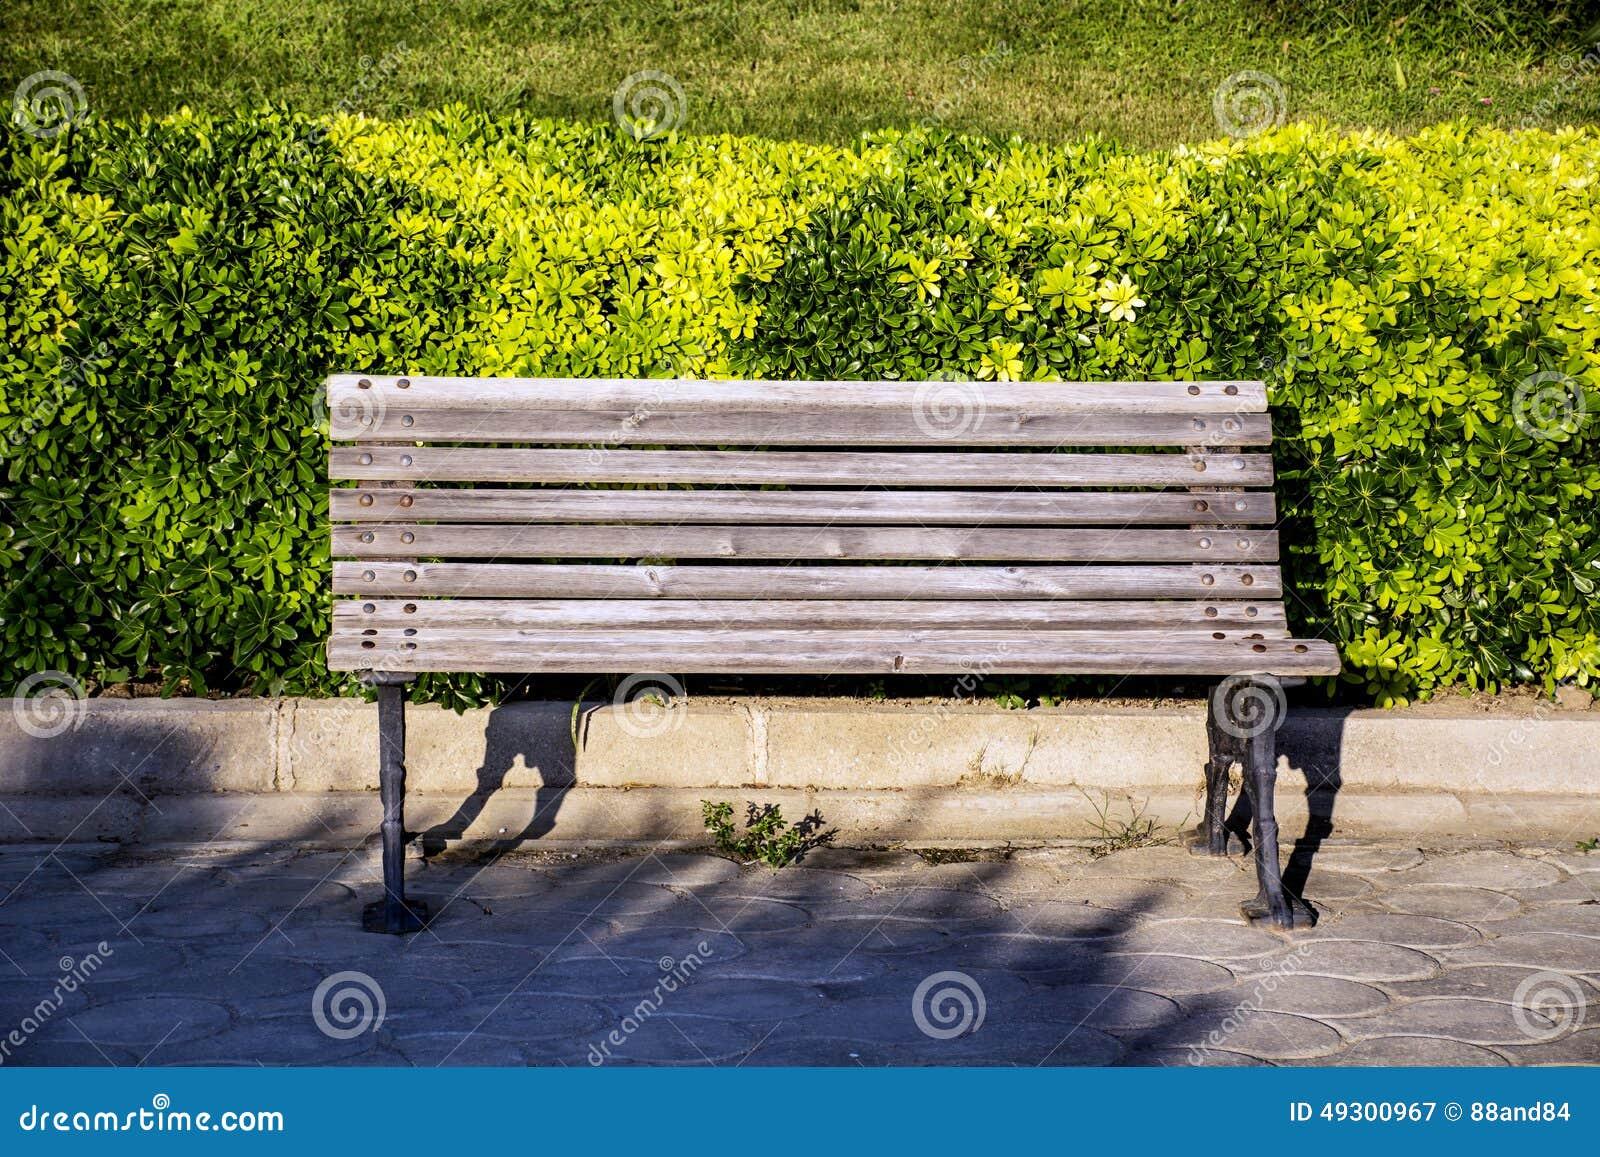 木公园长椅在一个绿色庭院里.图片